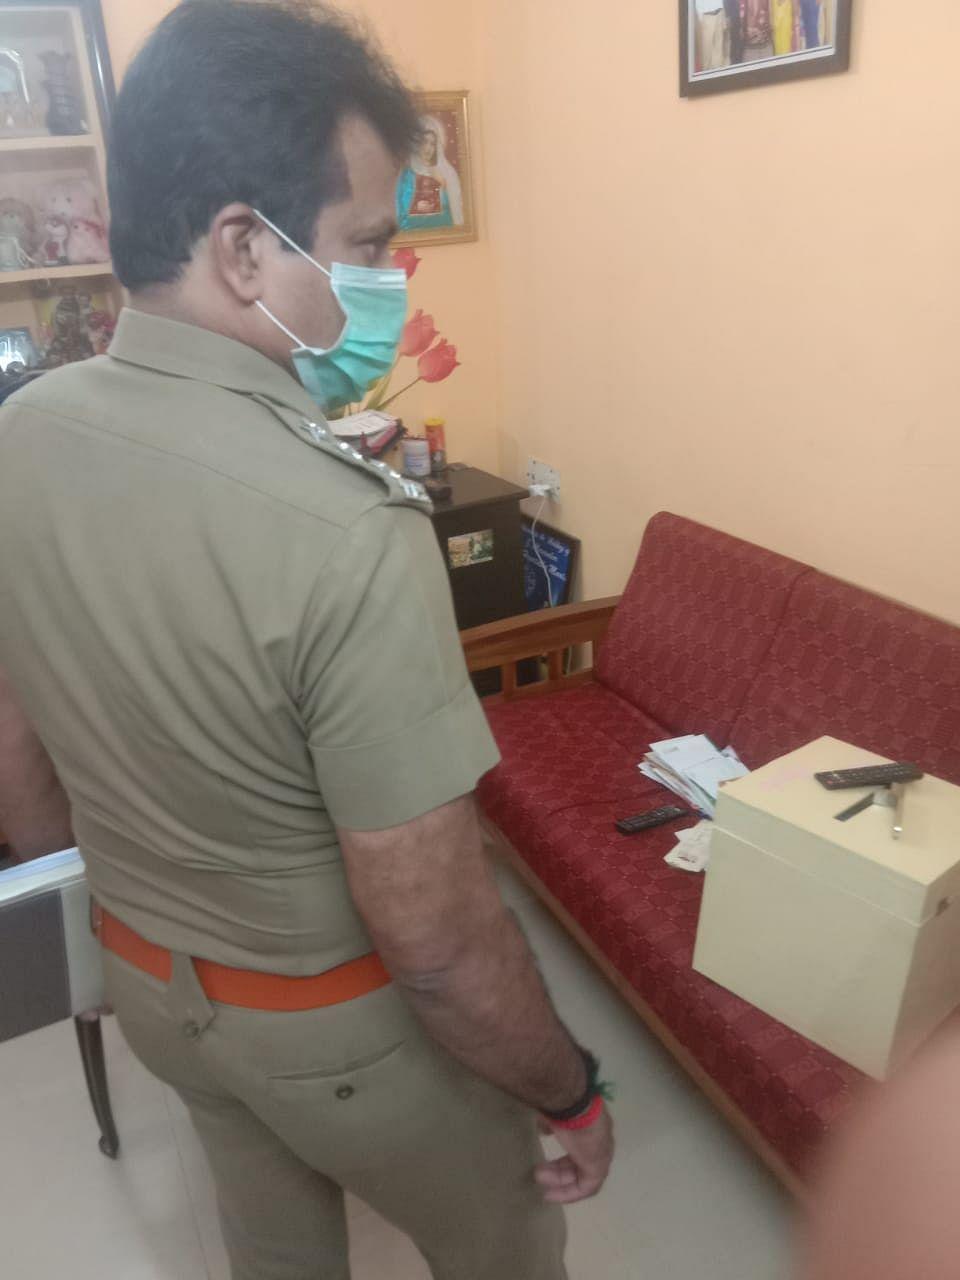 கொள்ளை நடந்த வீட்டில் ஆய்வு செய்யும் உதவி கமிஷனர் ஹரிக்குமார்